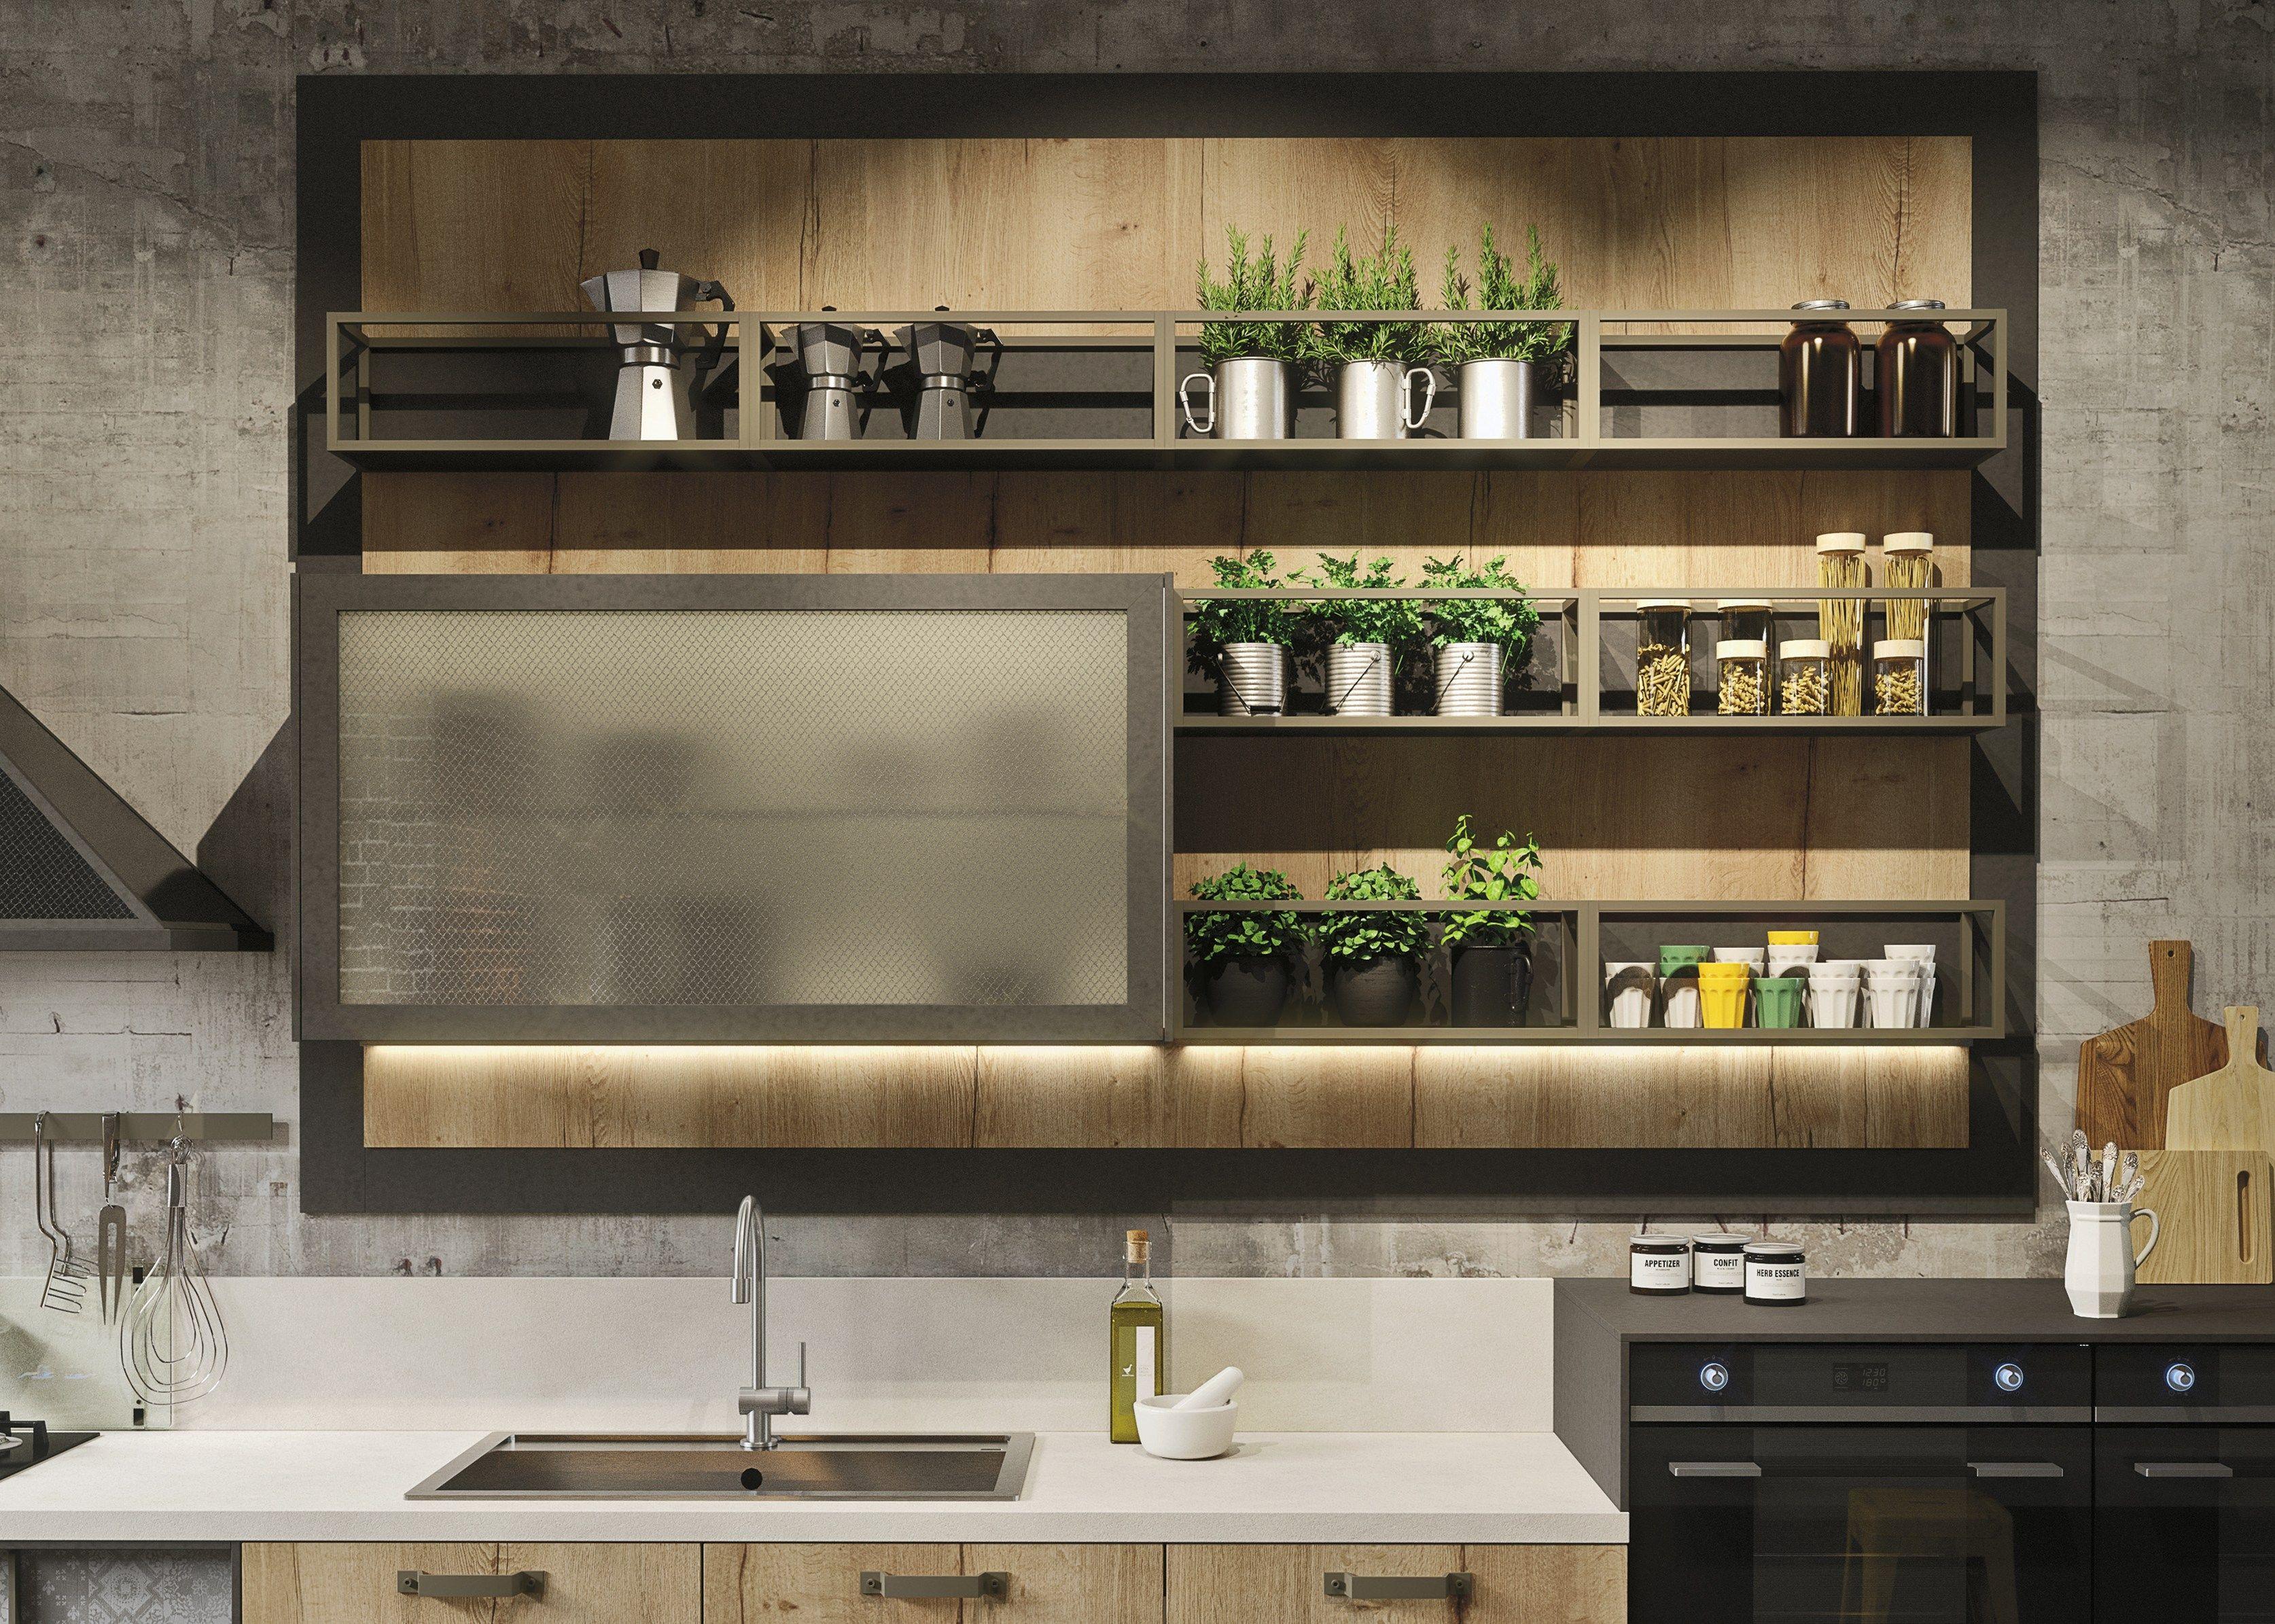 Cozinha Integral Loft By Snaidero - Design Michele Marcon